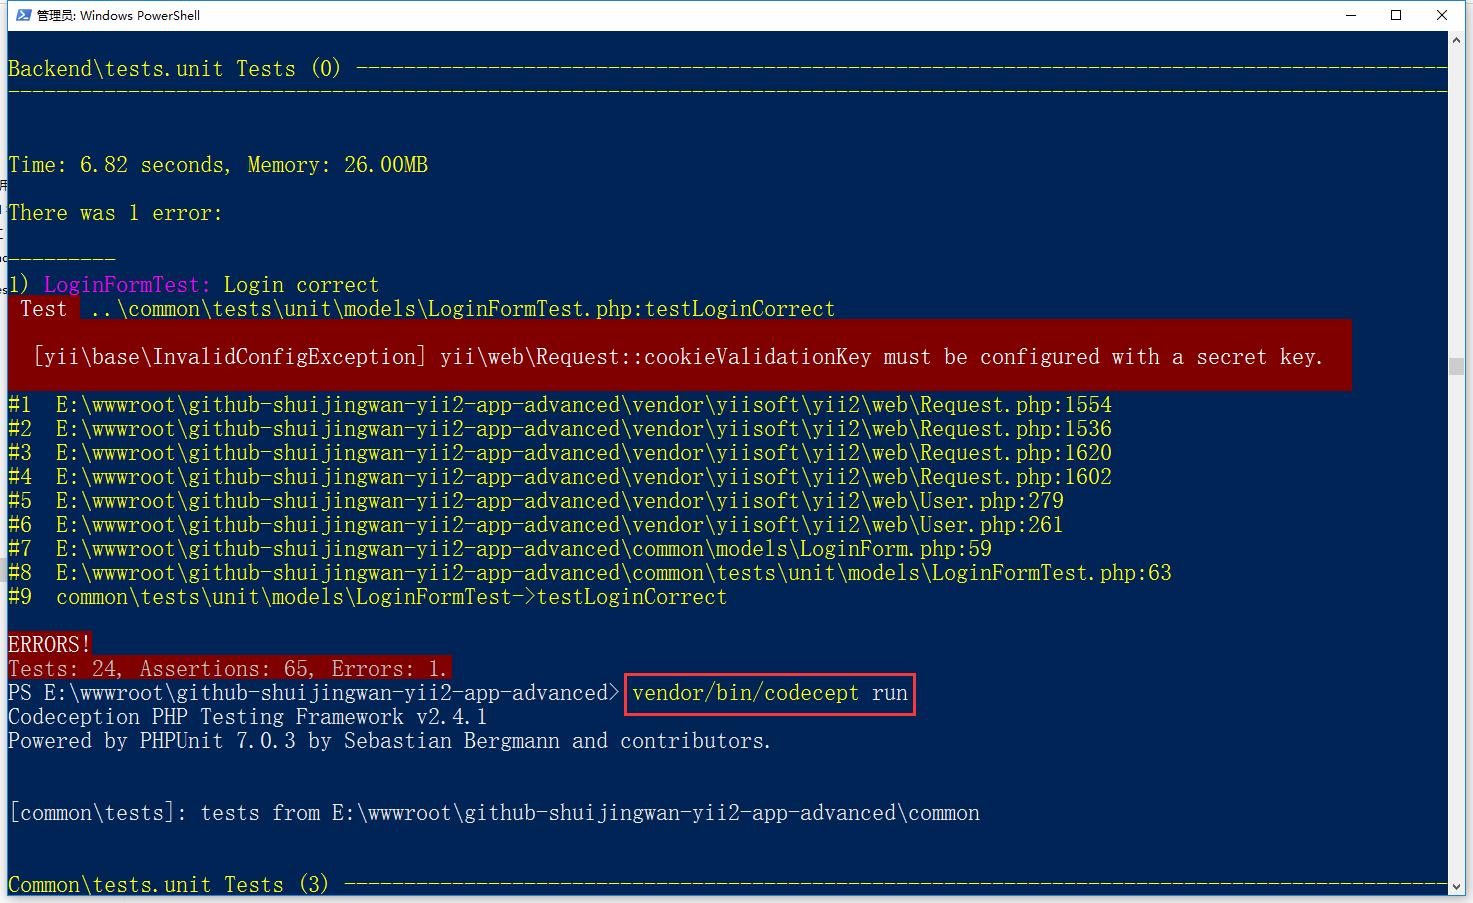 执行迁移命令、构建测试套件,然后运行所有的样例测试